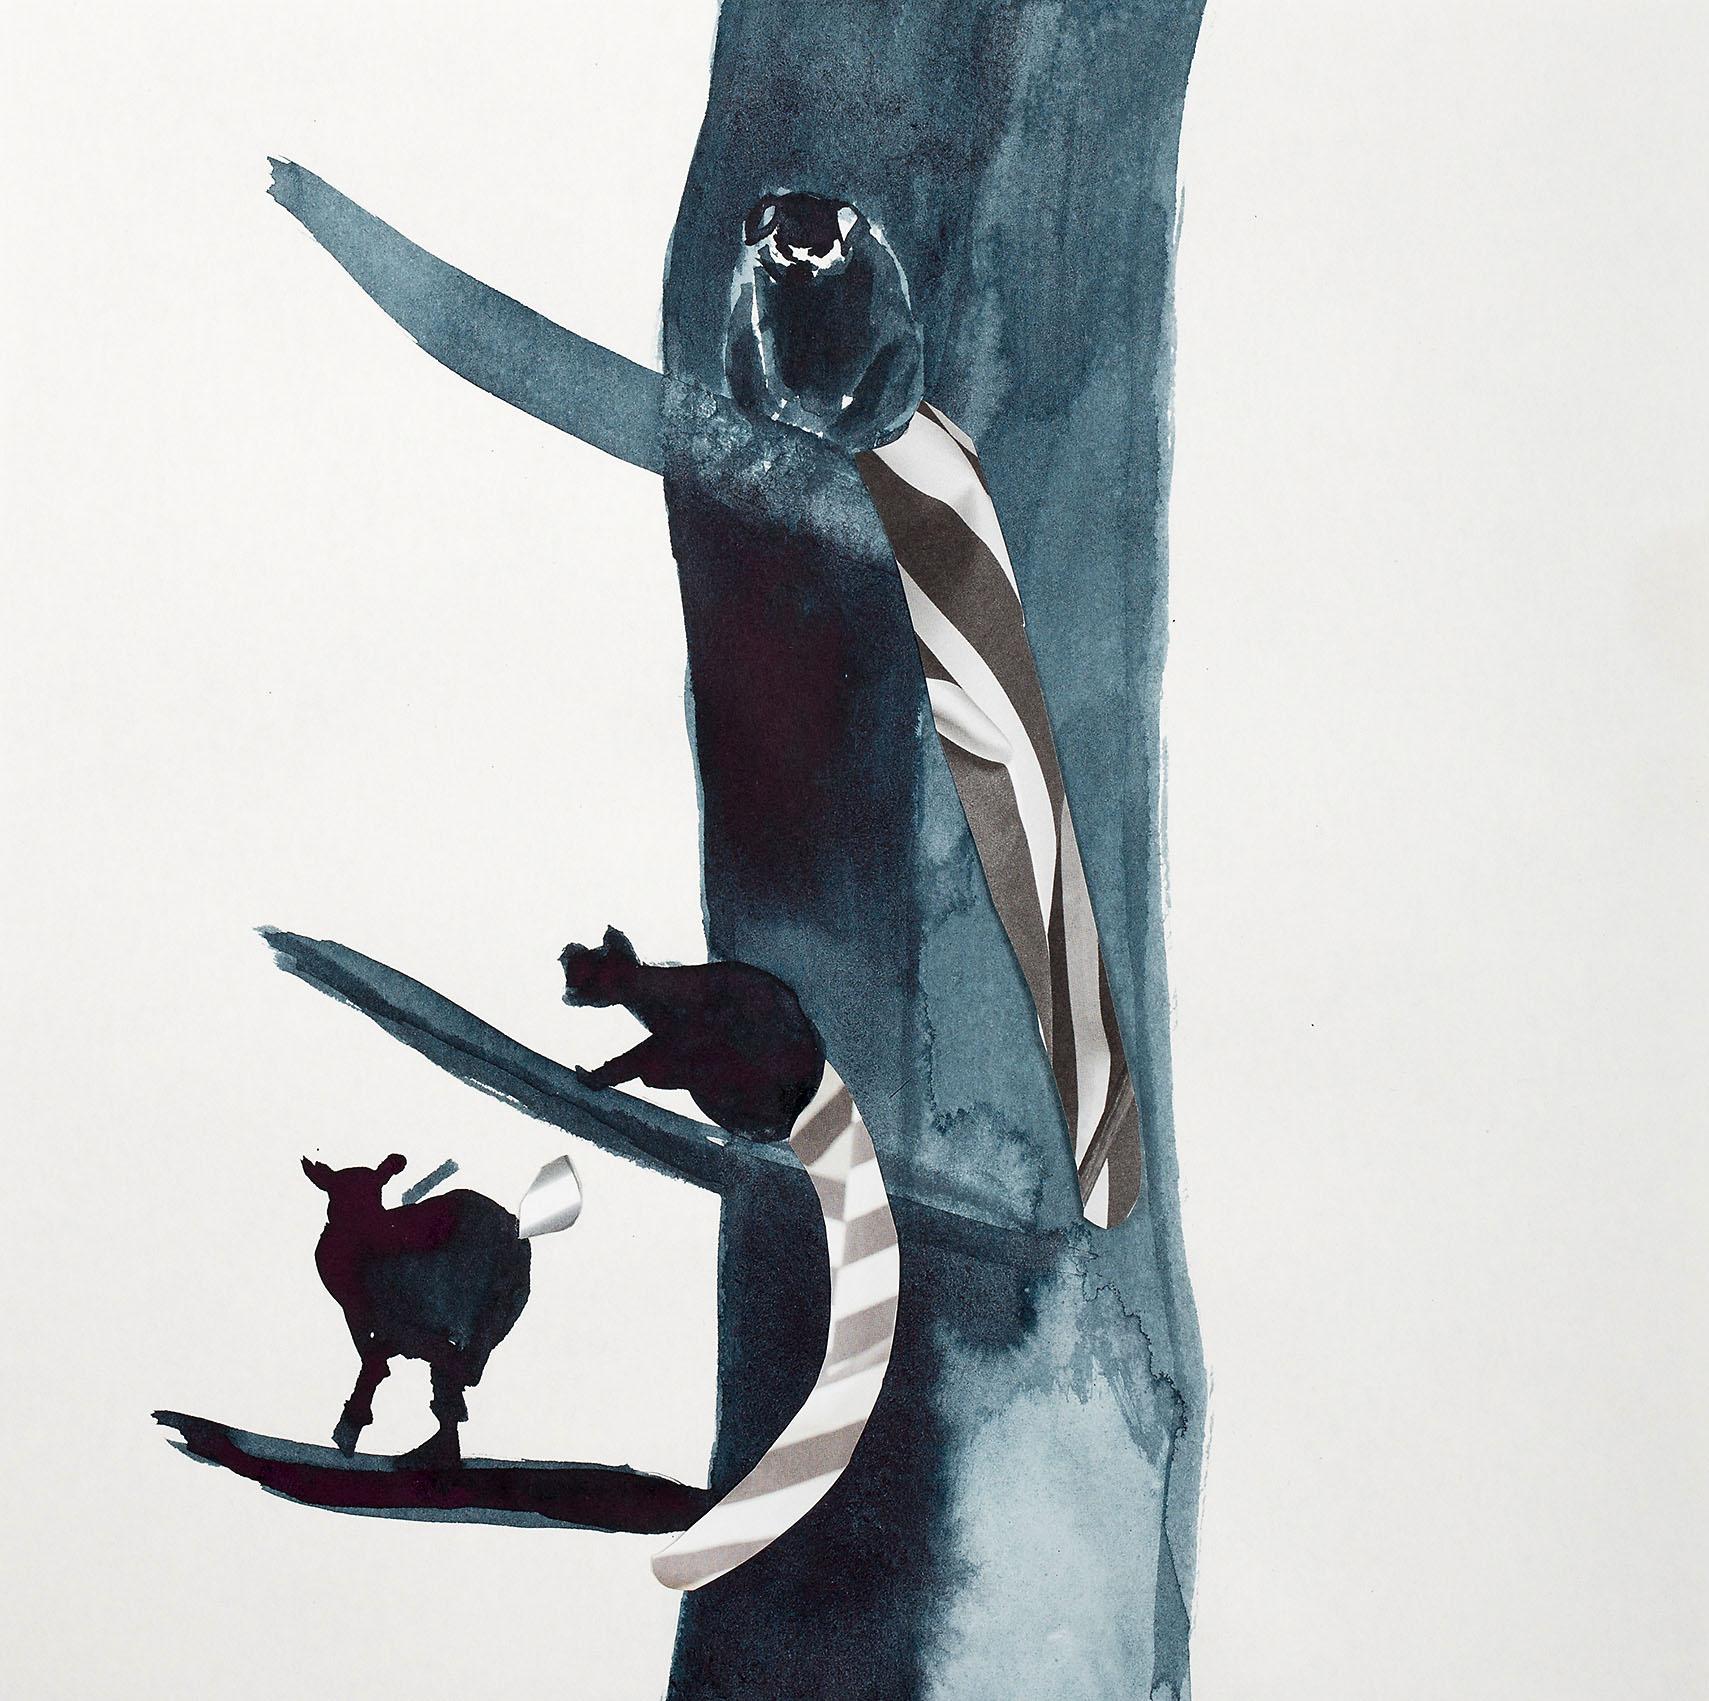 """o.T. aus """"Katta"""", 2016, 25 x 25 cm, Tusche & Collage auf Papier"""